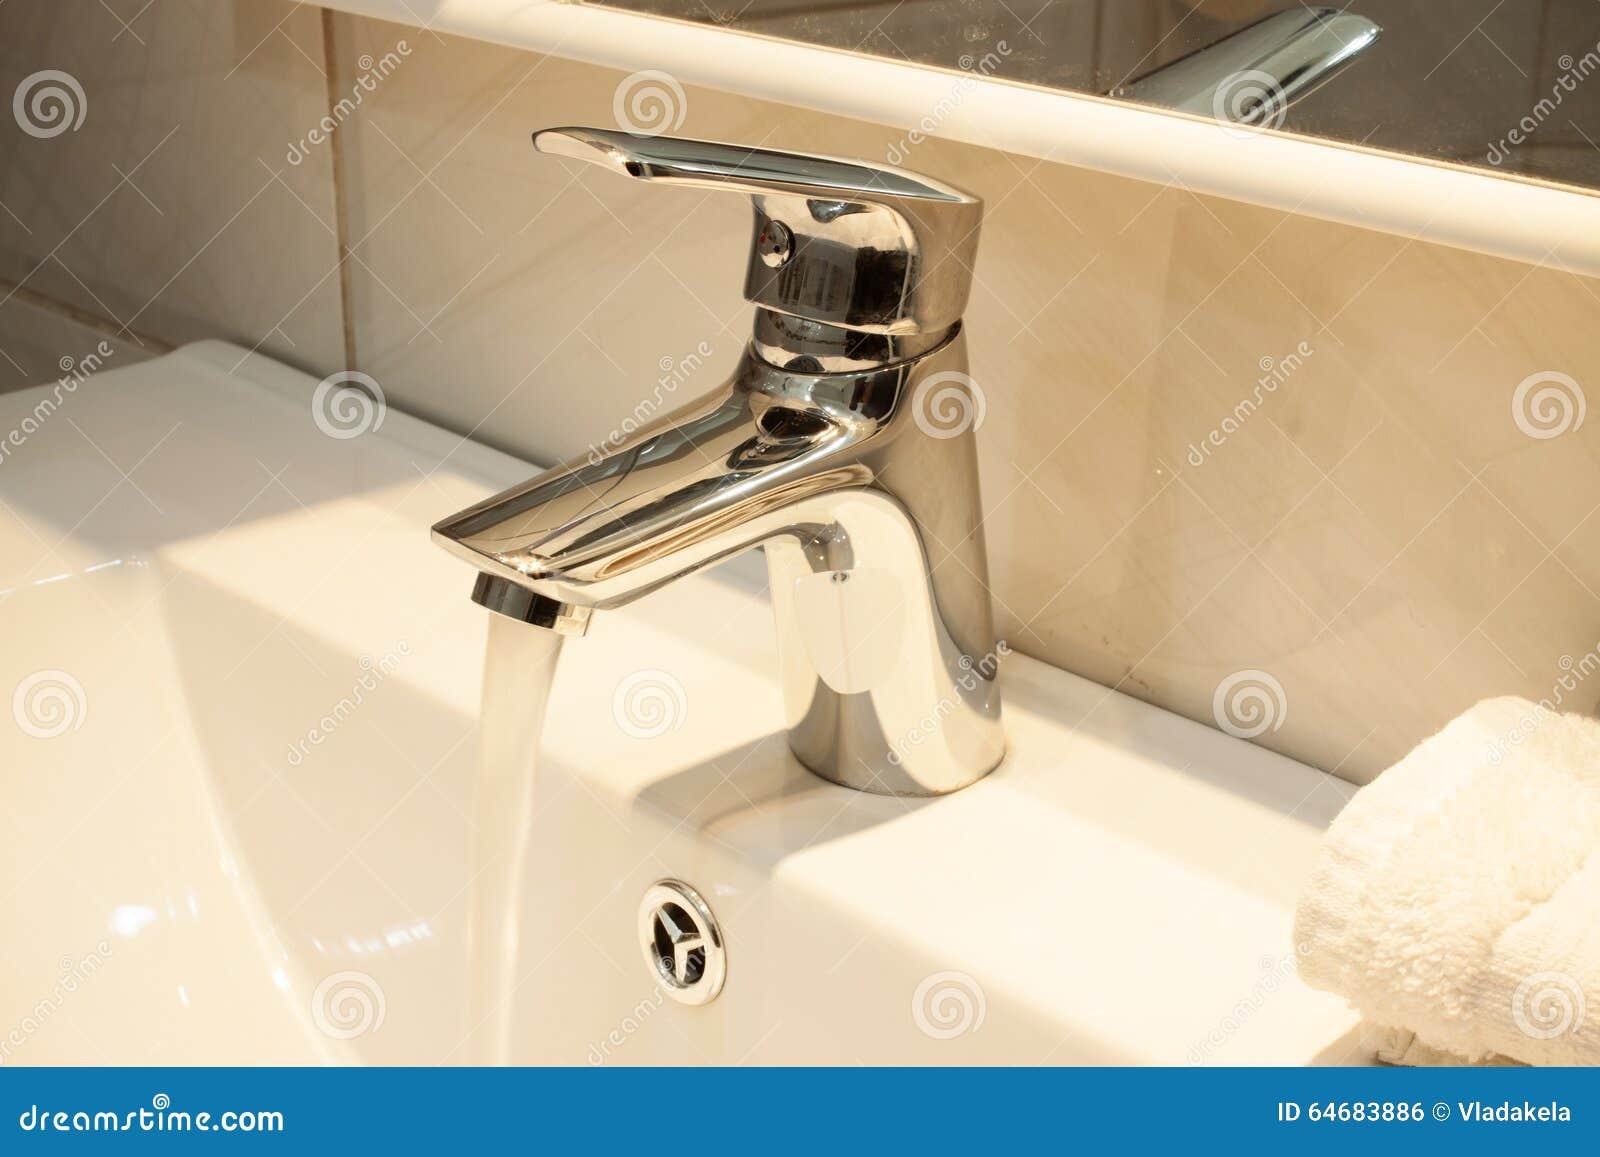 Stäng sig upp av en tvättställ i ett modernt badrum arkivfoto ...